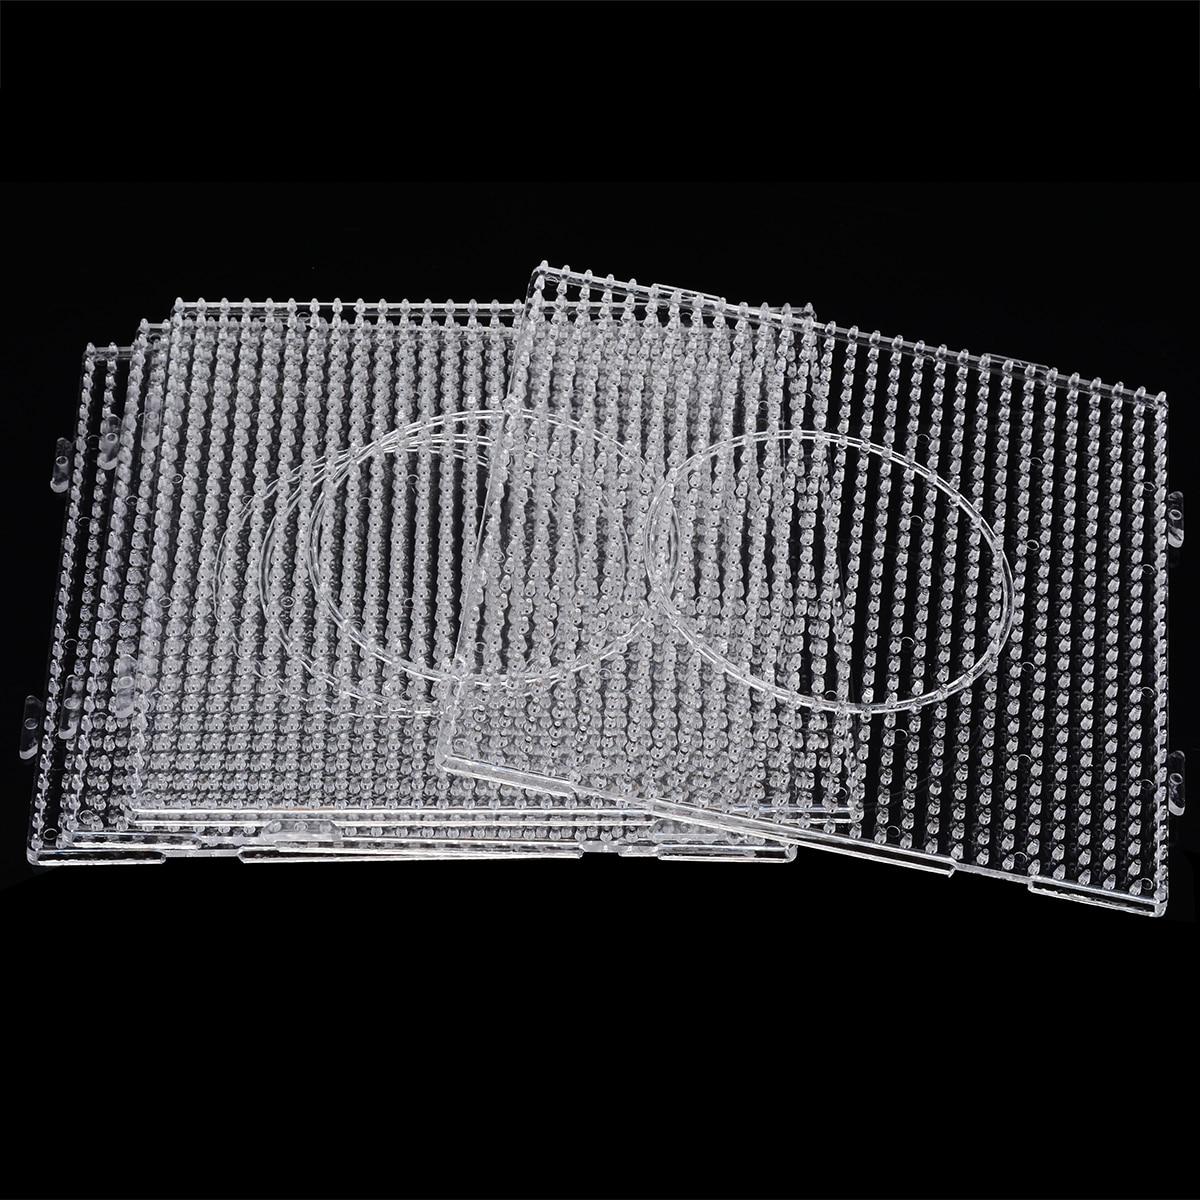 4 unids/set práctico PE claro cuadrado grandes tabletes grano cuadrado tablero de tablero educativo rompecabezas para Hama Fuse Bead